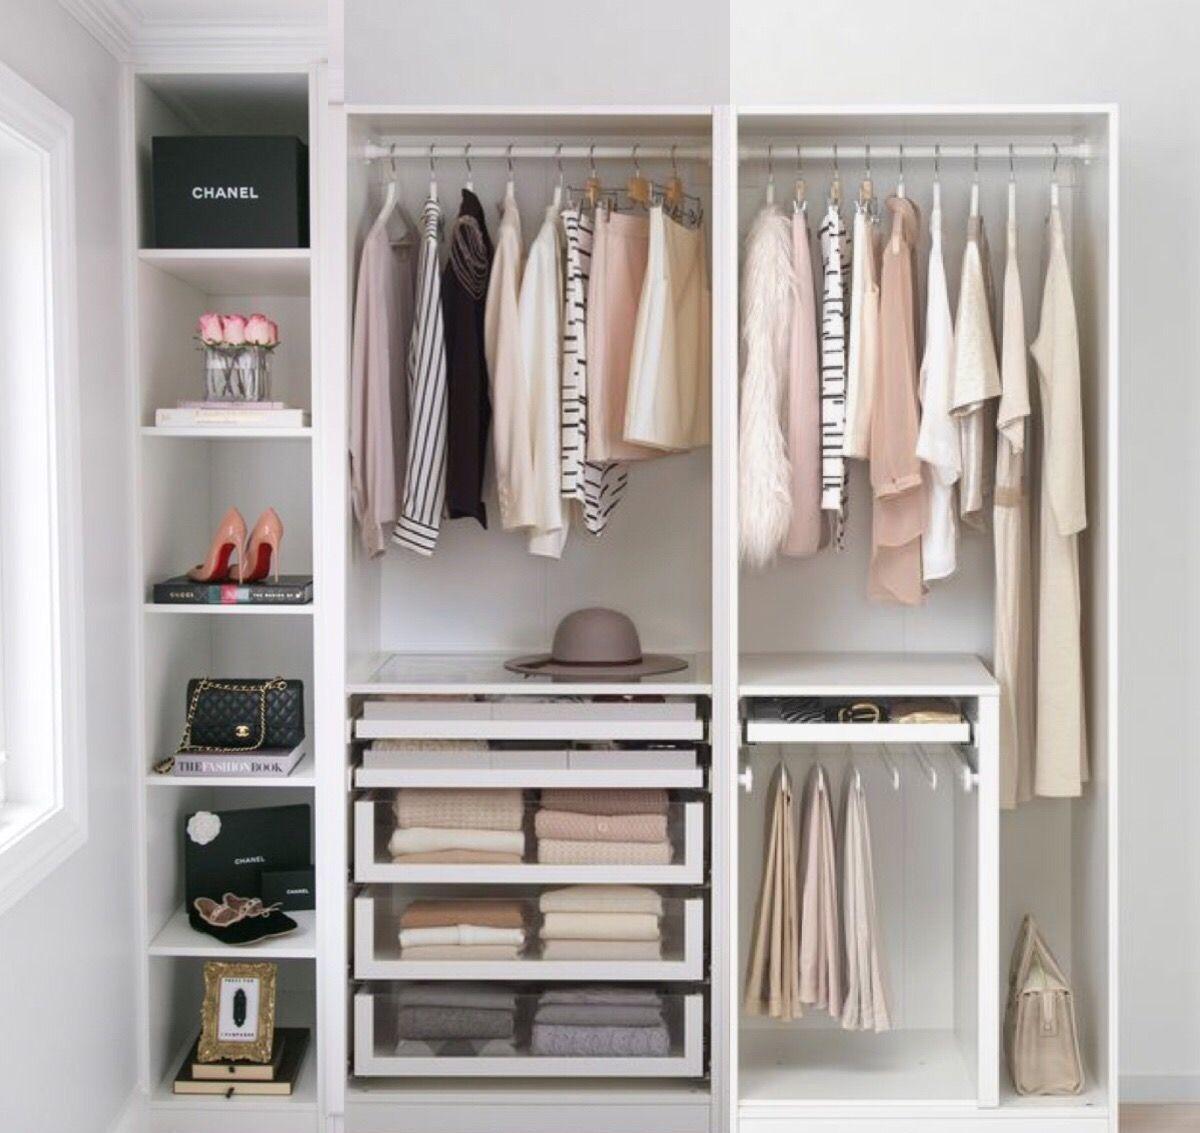 Pin By Dorothea On W A R D R O B E In 2020 Bedroom Closet Design Dressing Room Closet Closet Decor